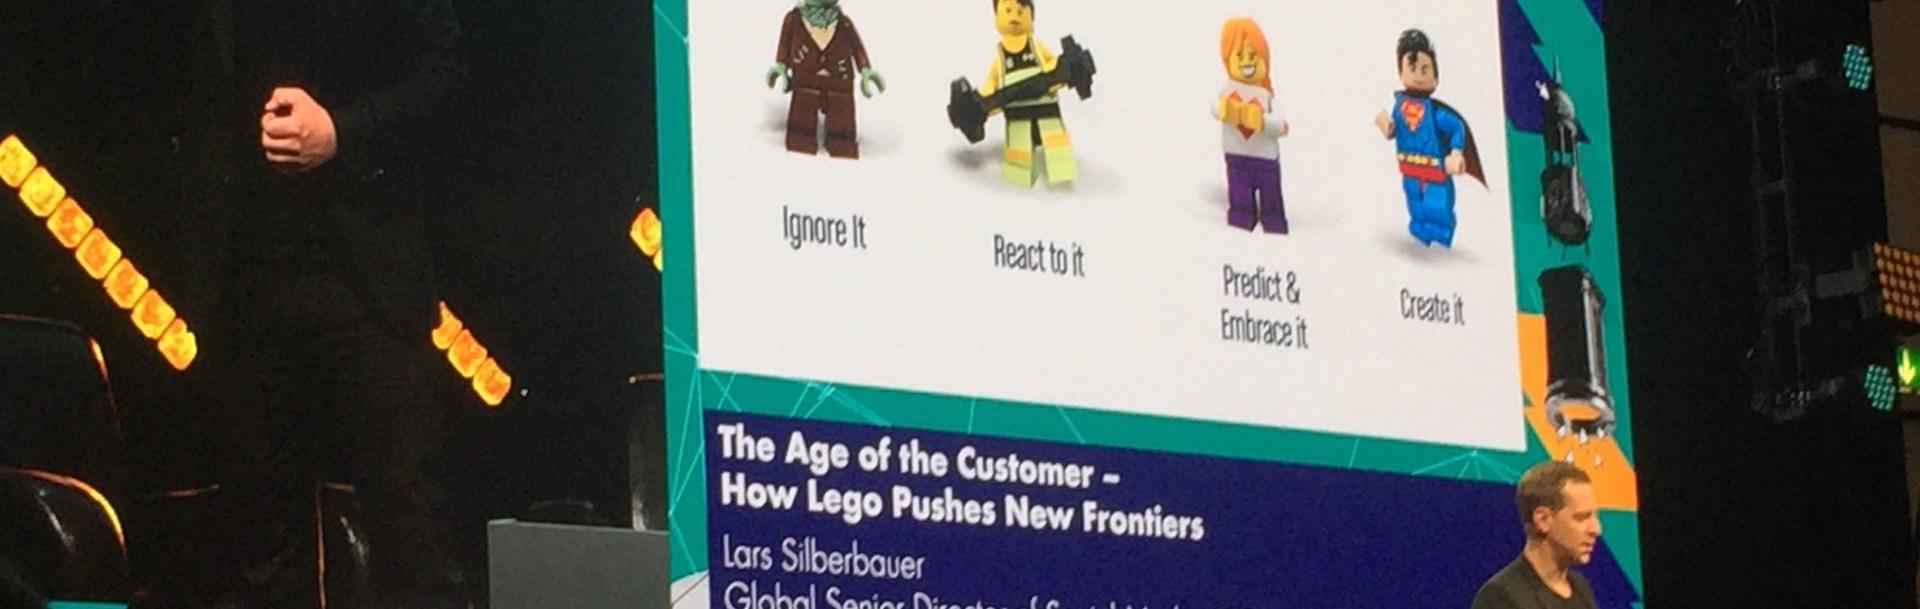 Lego social media